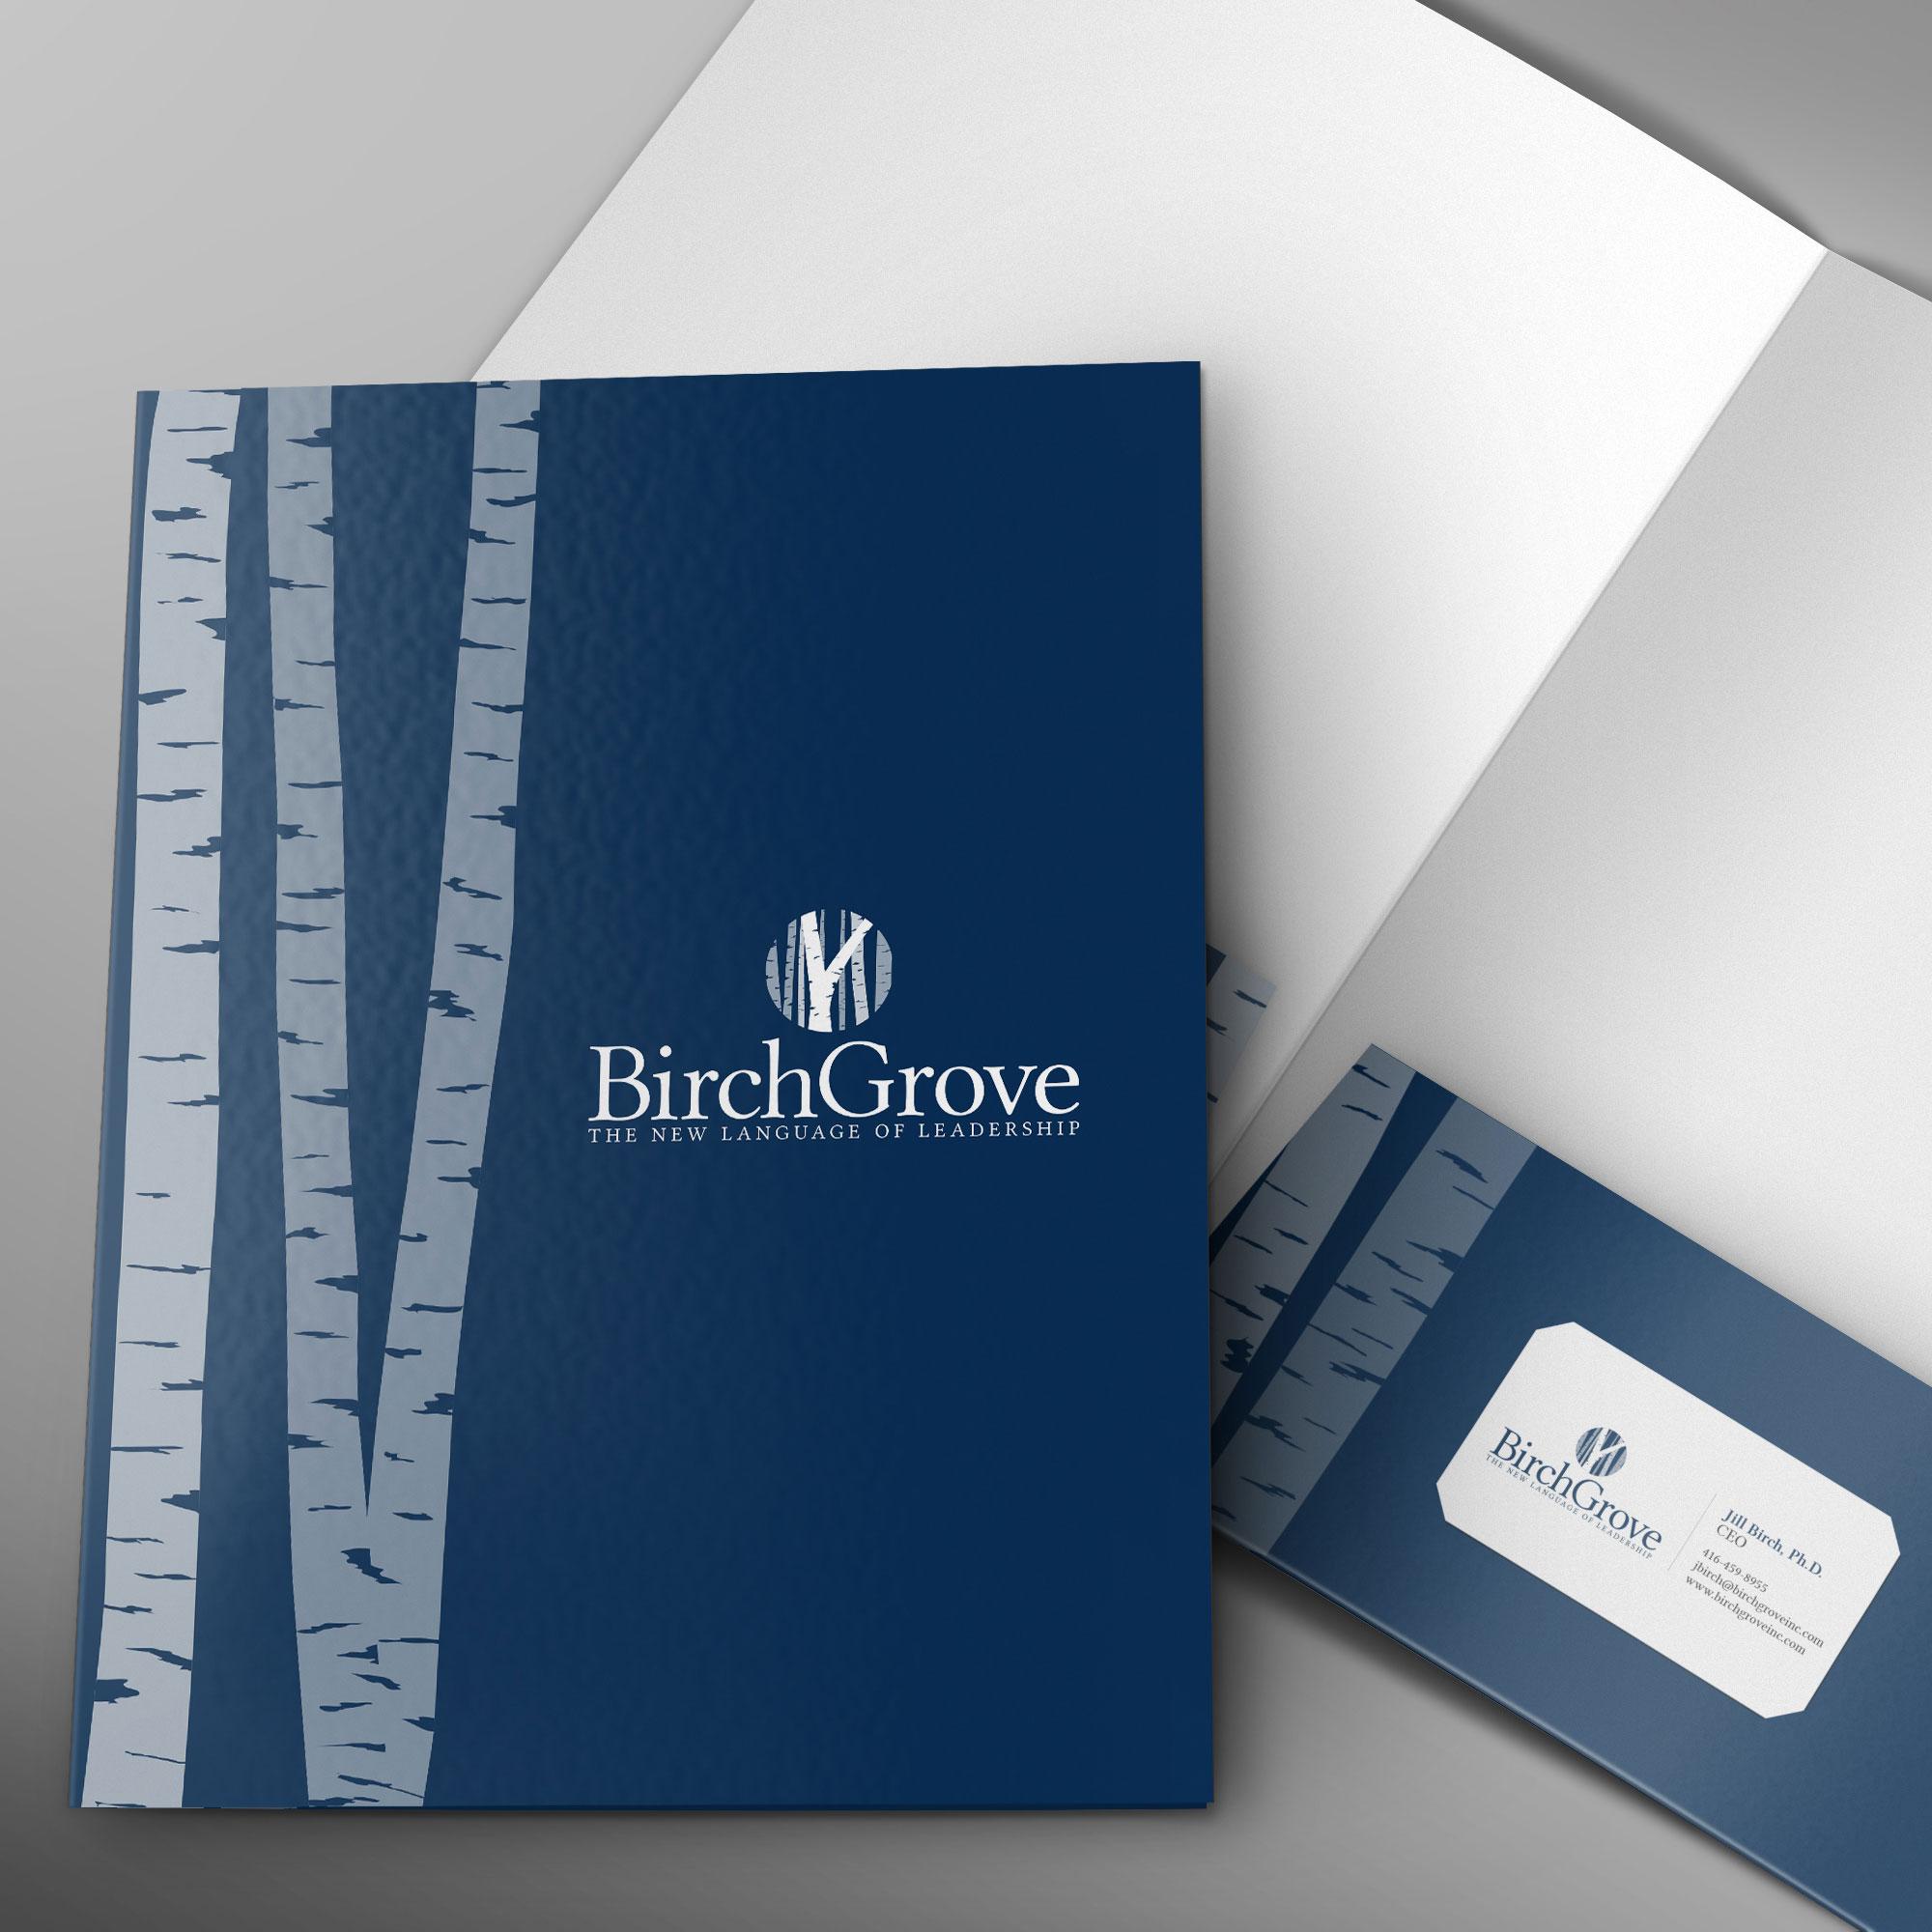 birchgrove_stationary_image